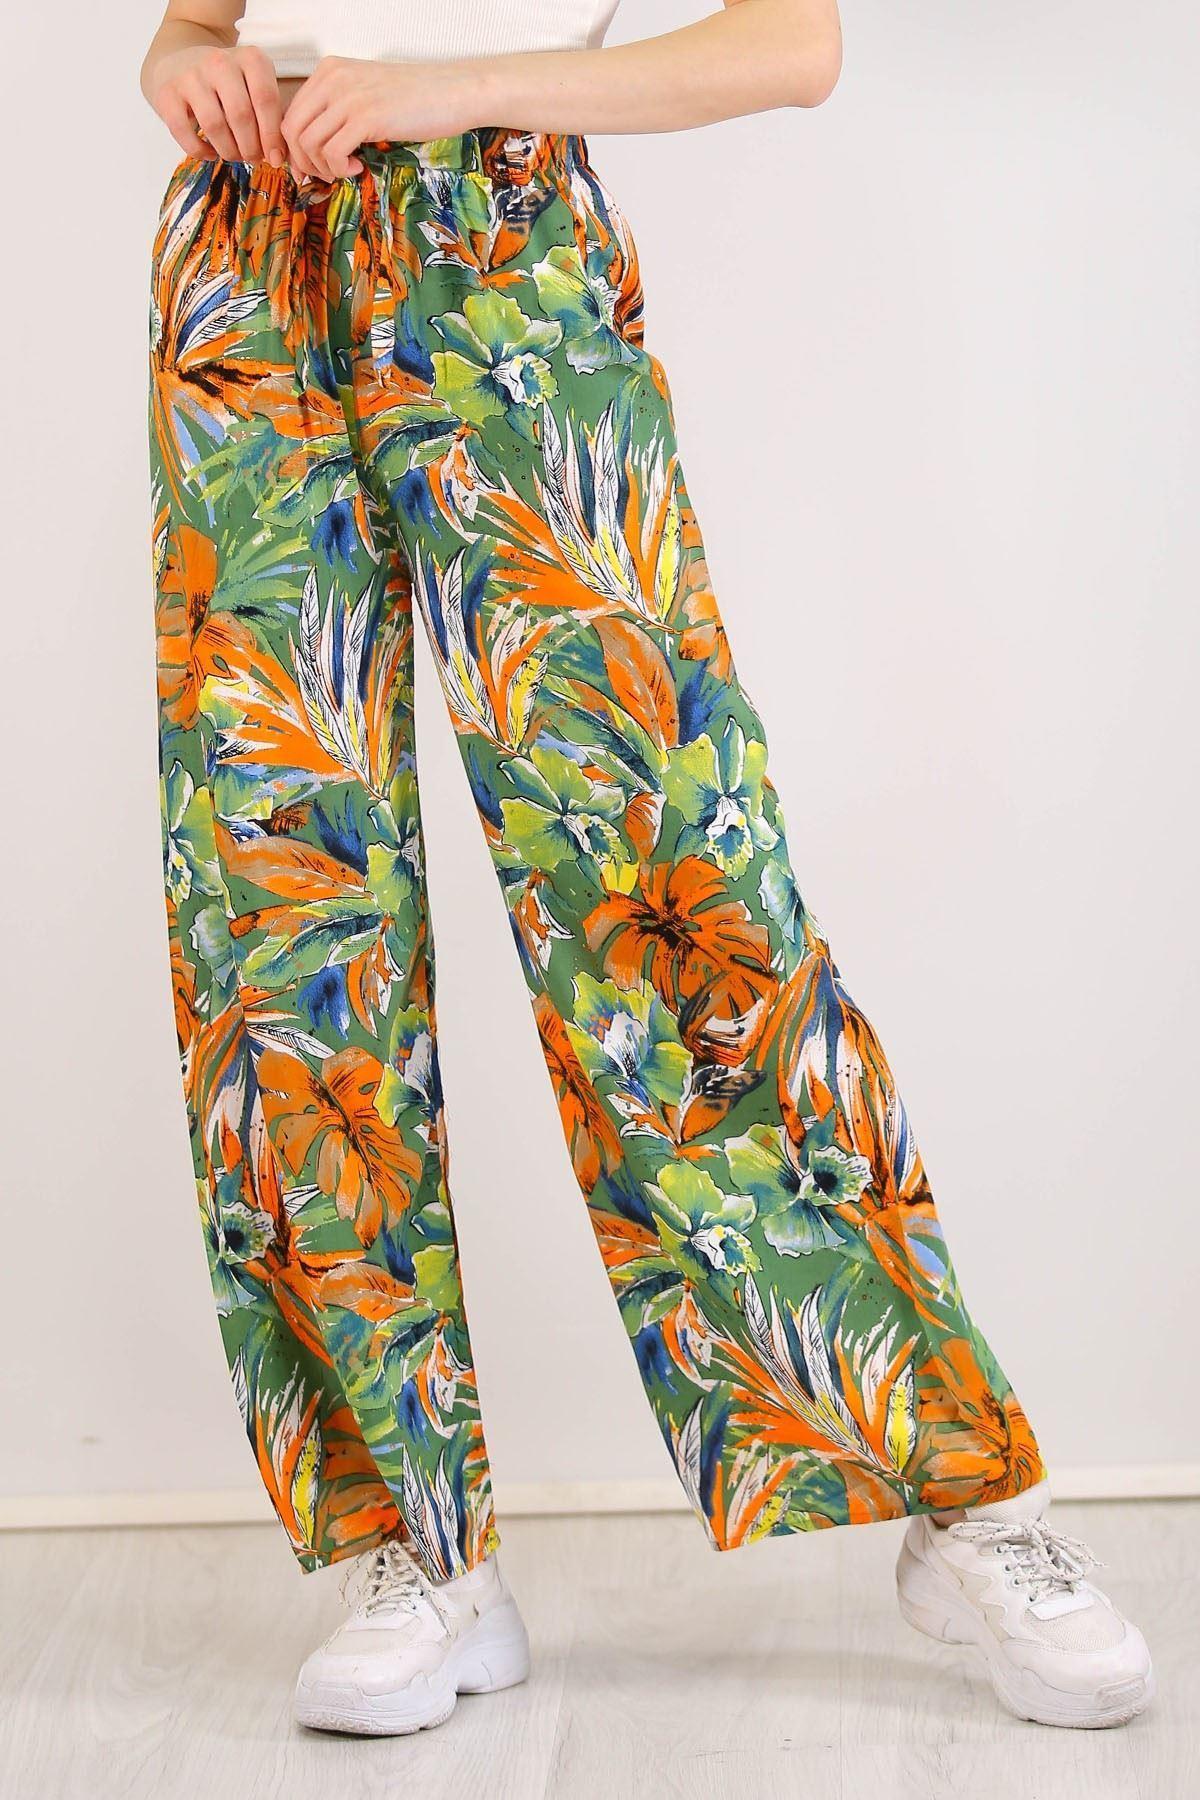 Desenli Bol Pantolon Yeşilçiçekli - 0753.128.